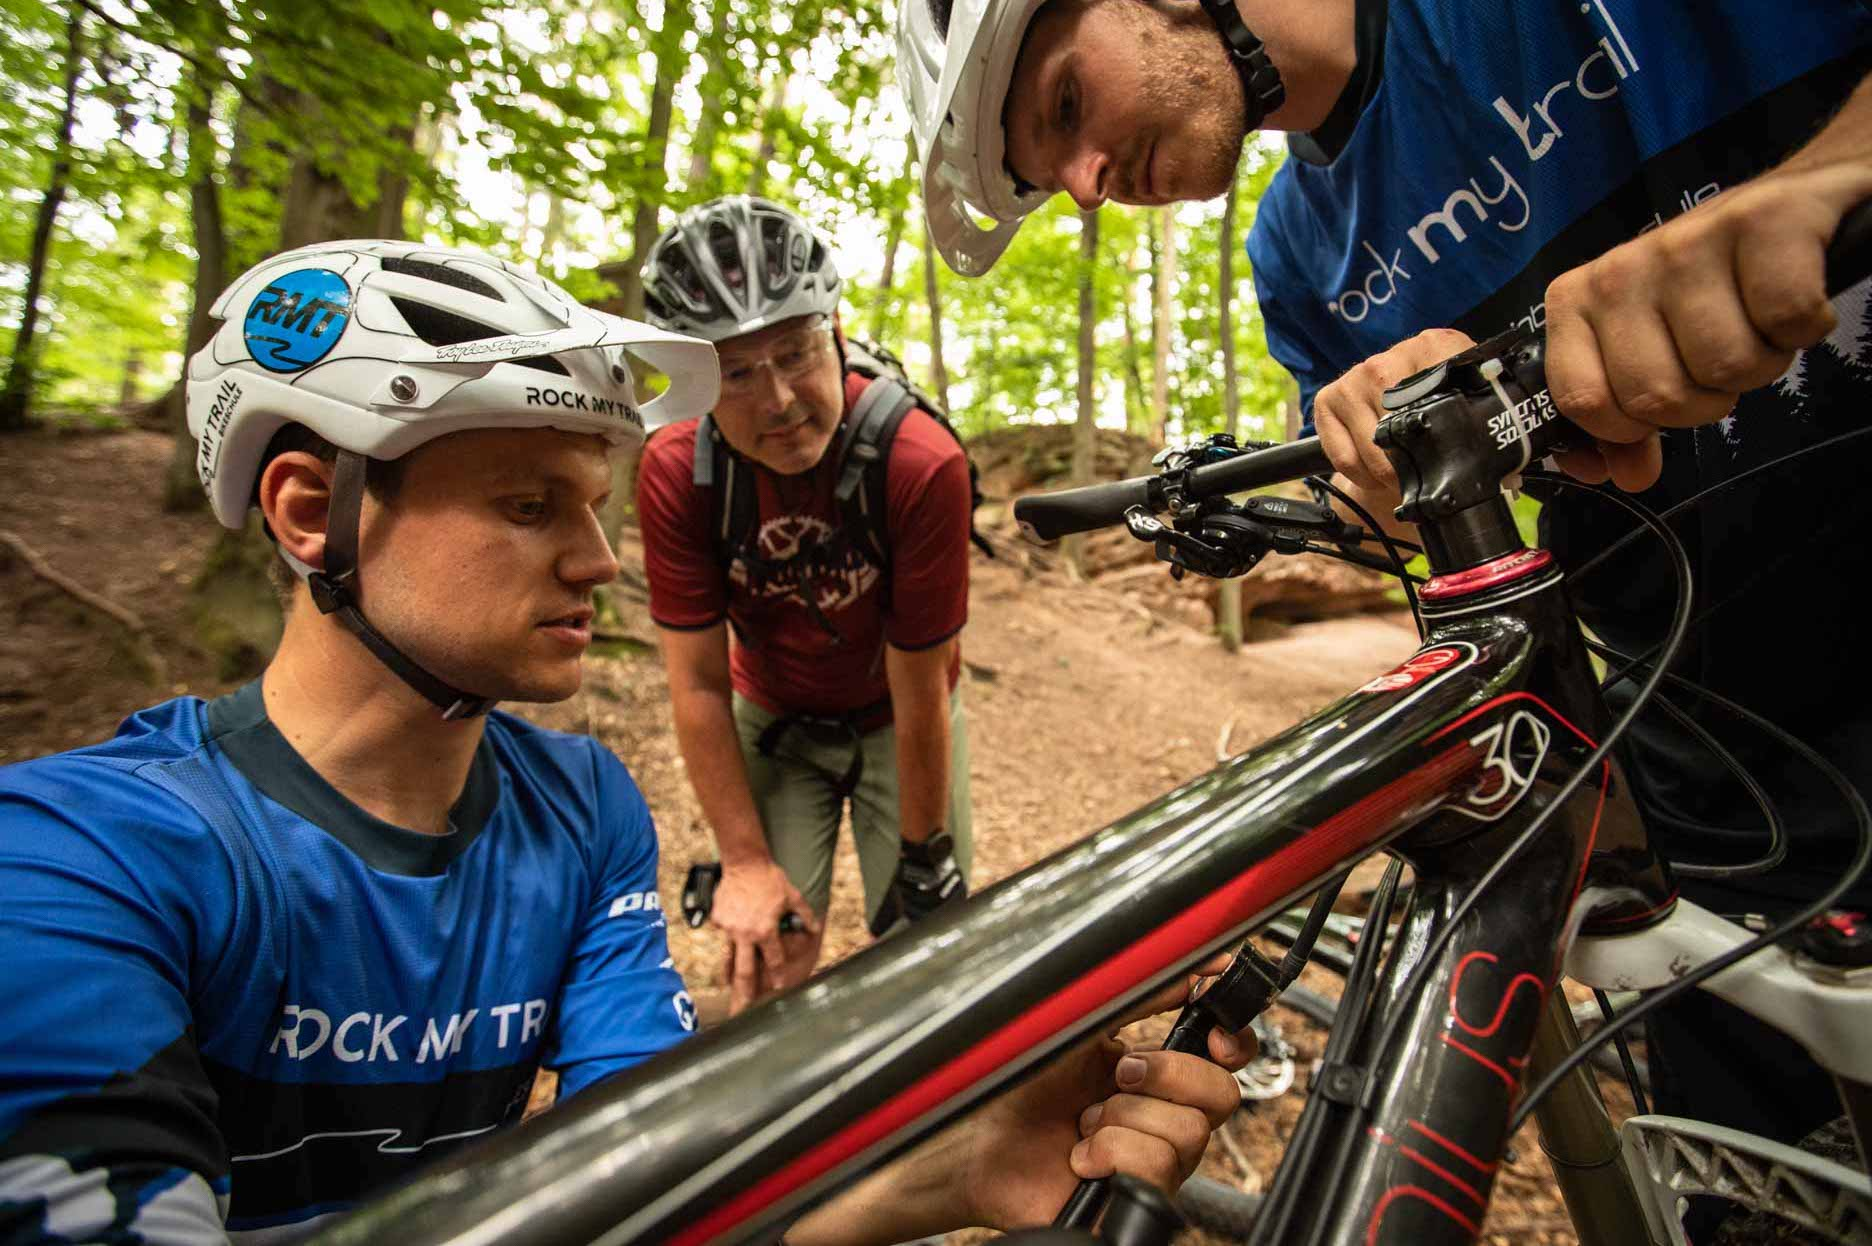 MTB Fahrtechnik Kurs für Einsteiger in Witten - Ruhrgebiet - Mountainbike Basic Ruhrgebit Trail Anfänger - Rock my Trail Bikeschule GmbH - 20